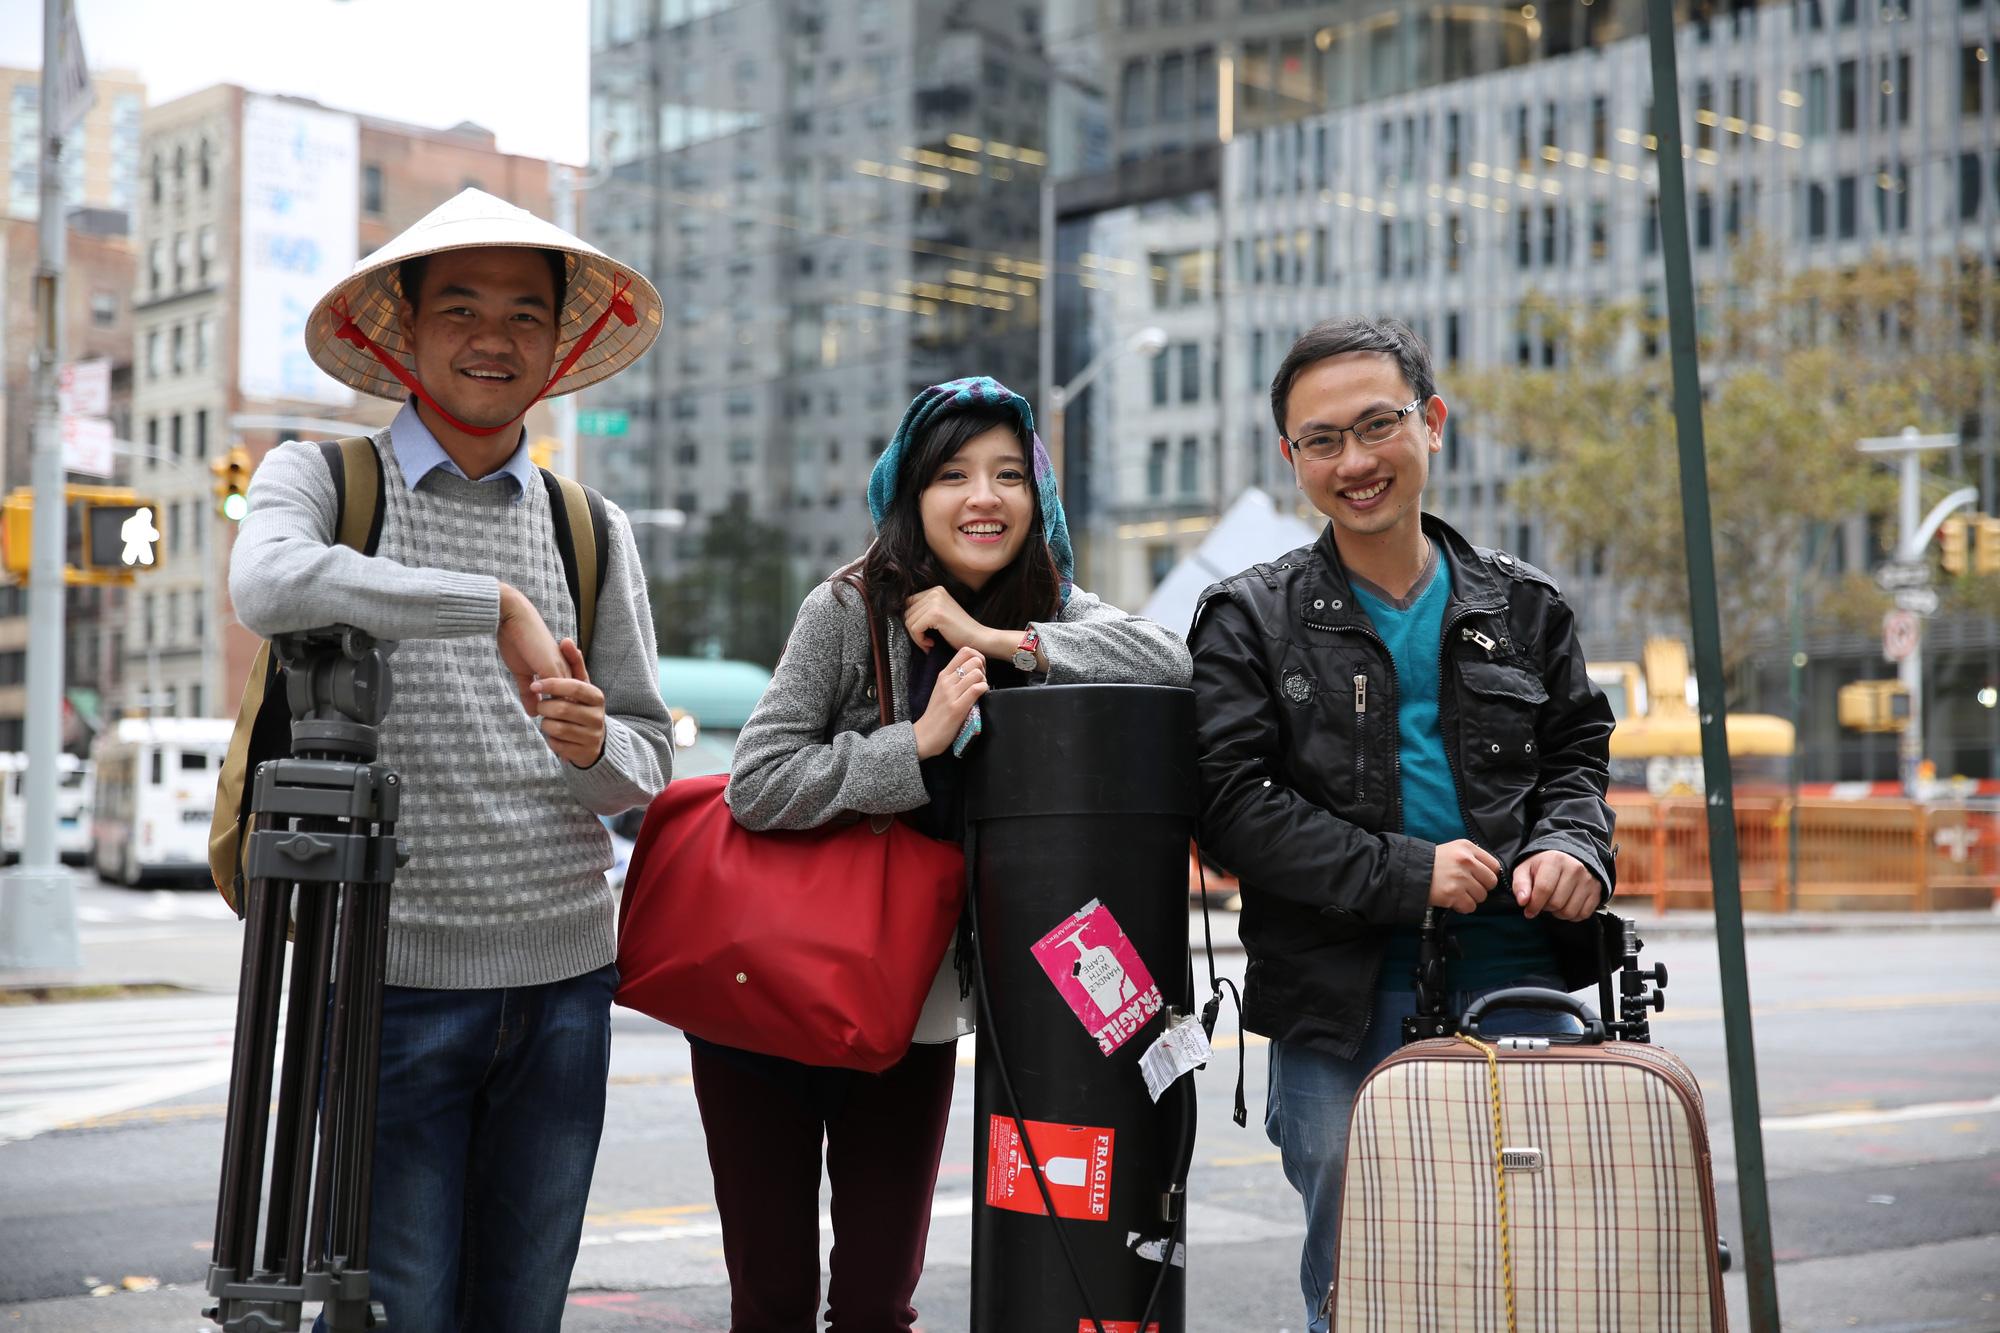 Ngày trở về năm thứ 10: Mẹ ơi con là người Việt Nam - Tiếng gọi từ sâu thẳm tâm hồn - Ảnh 6.